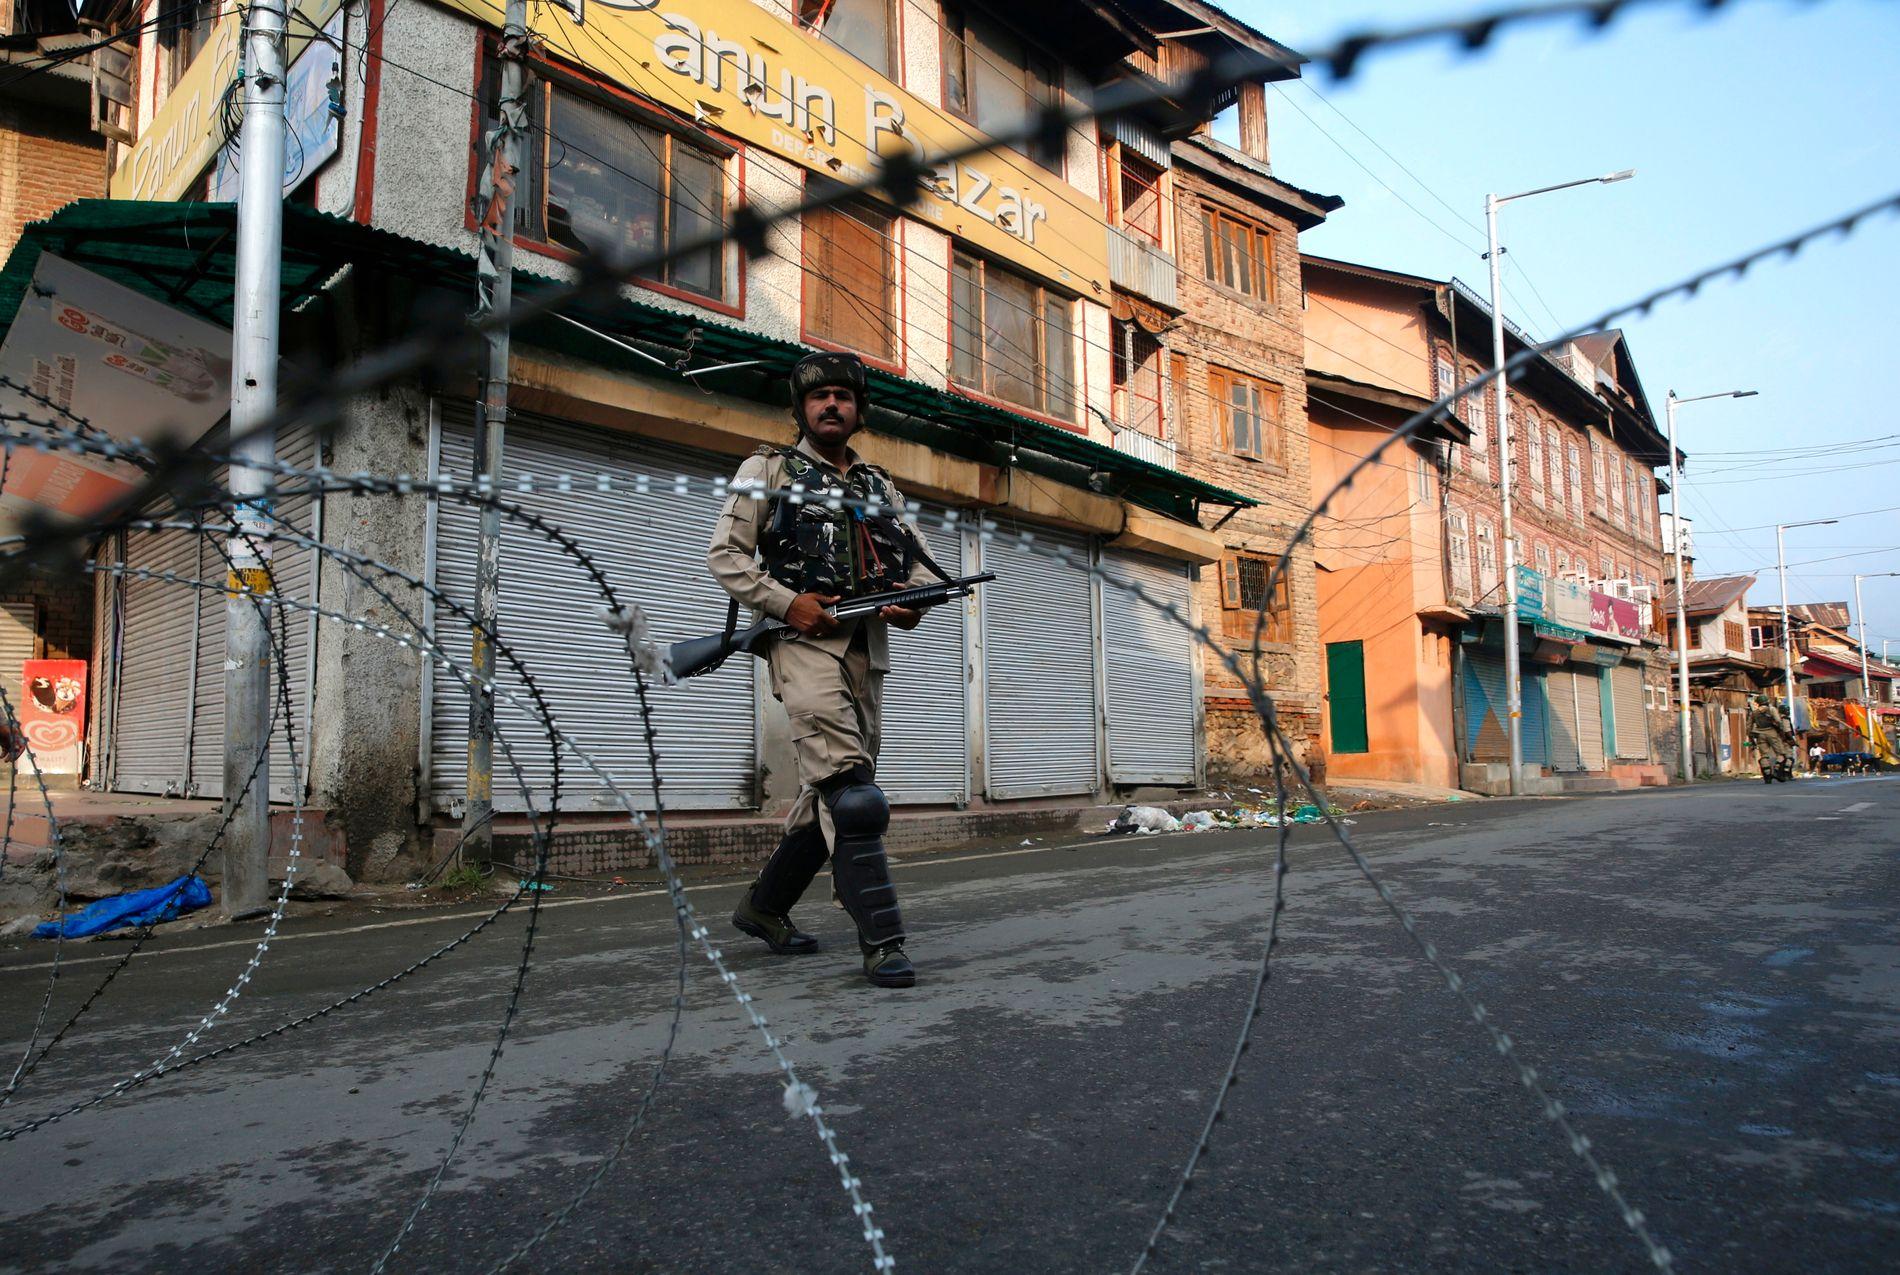 EKSTRA STYRKER: Indiske paramilitære soldater står vakt under et portforbud i Srinagar i Kashmir.